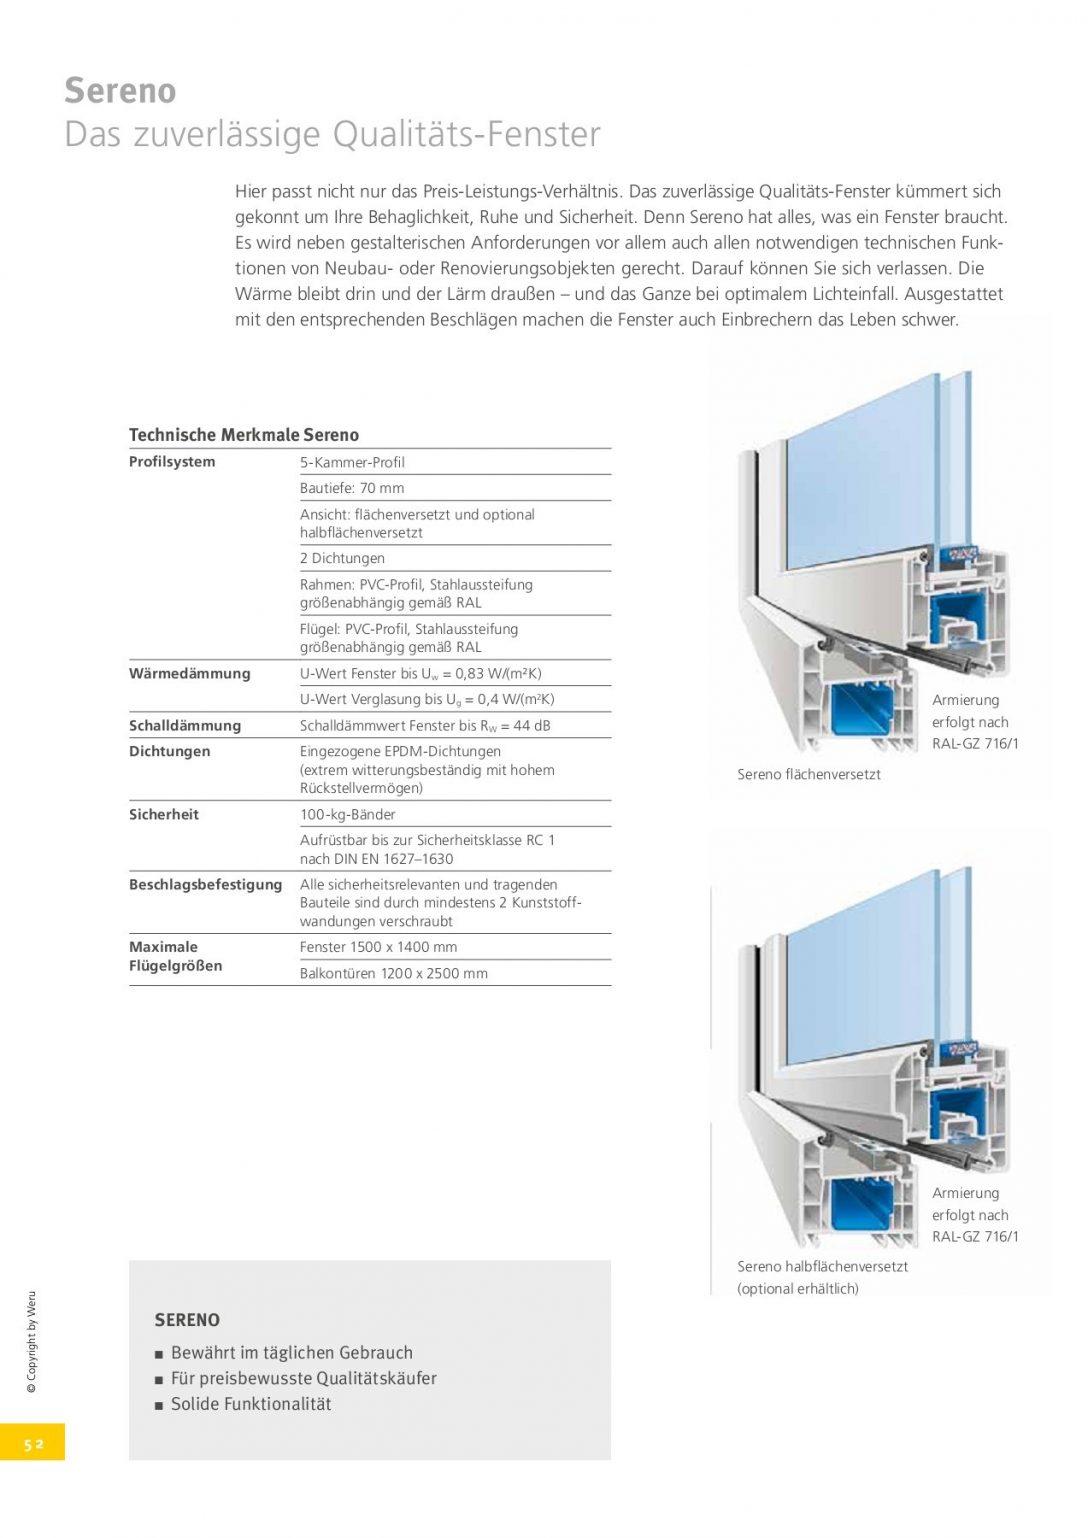 Large Size of Rc 2 Fenster Kosten Beschlag Preis Rc2 Fenstergriff Test Anforderungen Montage Definition Ausstattung Fenstergitter Weru Fensterbuch Genau Mein Pages 51 98 Fenster Rc 2 Fenster